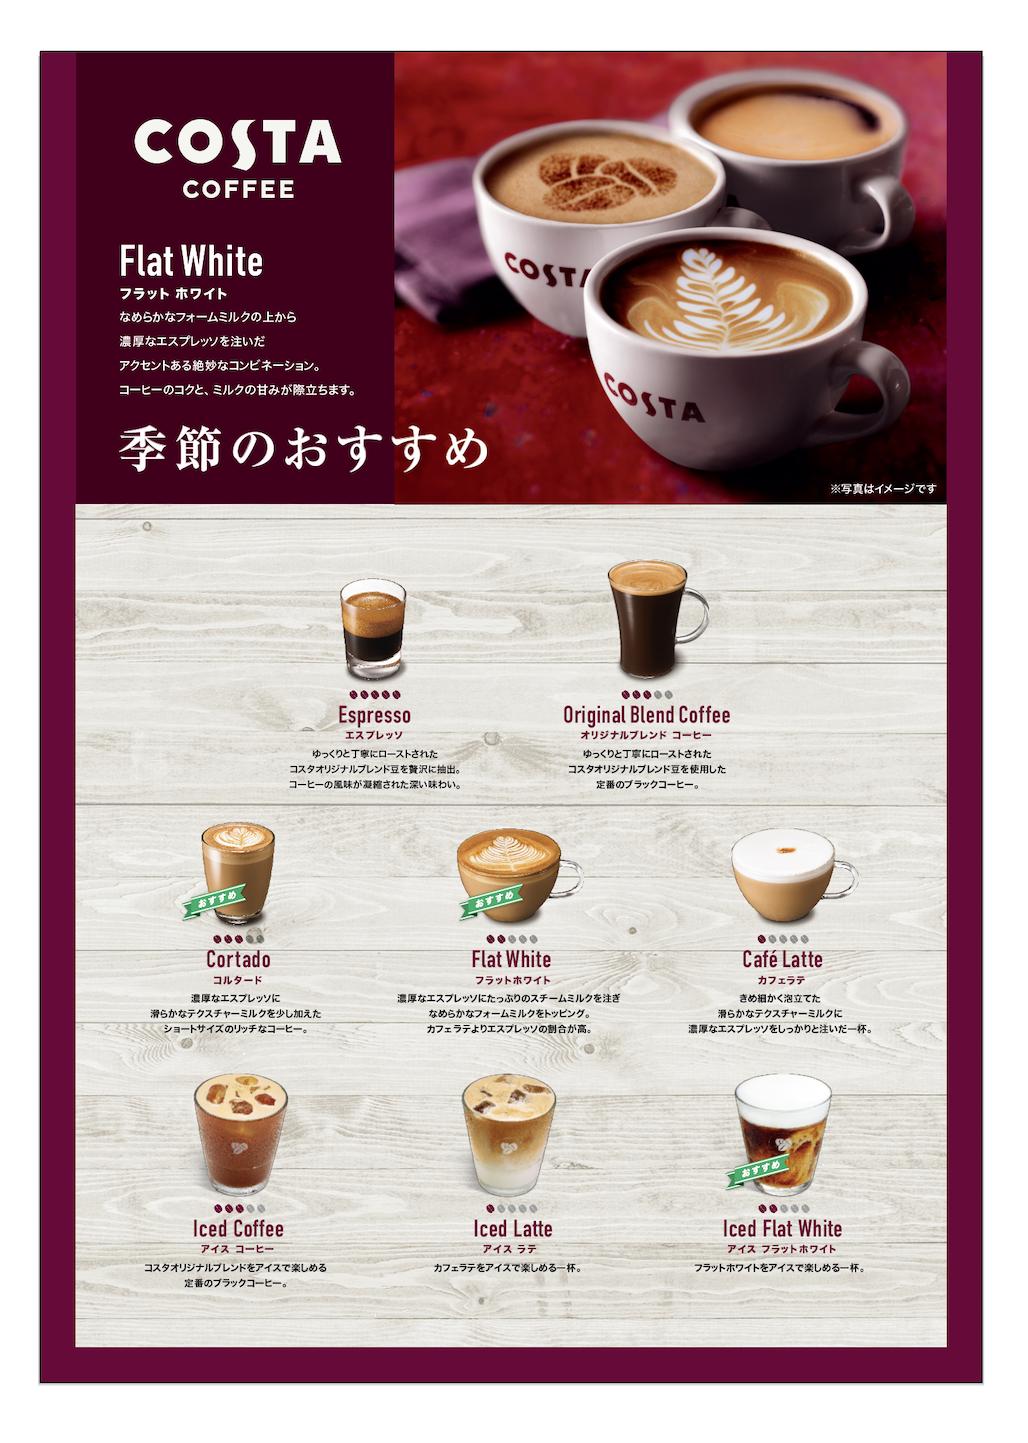 コスタコーヒー導入しました!